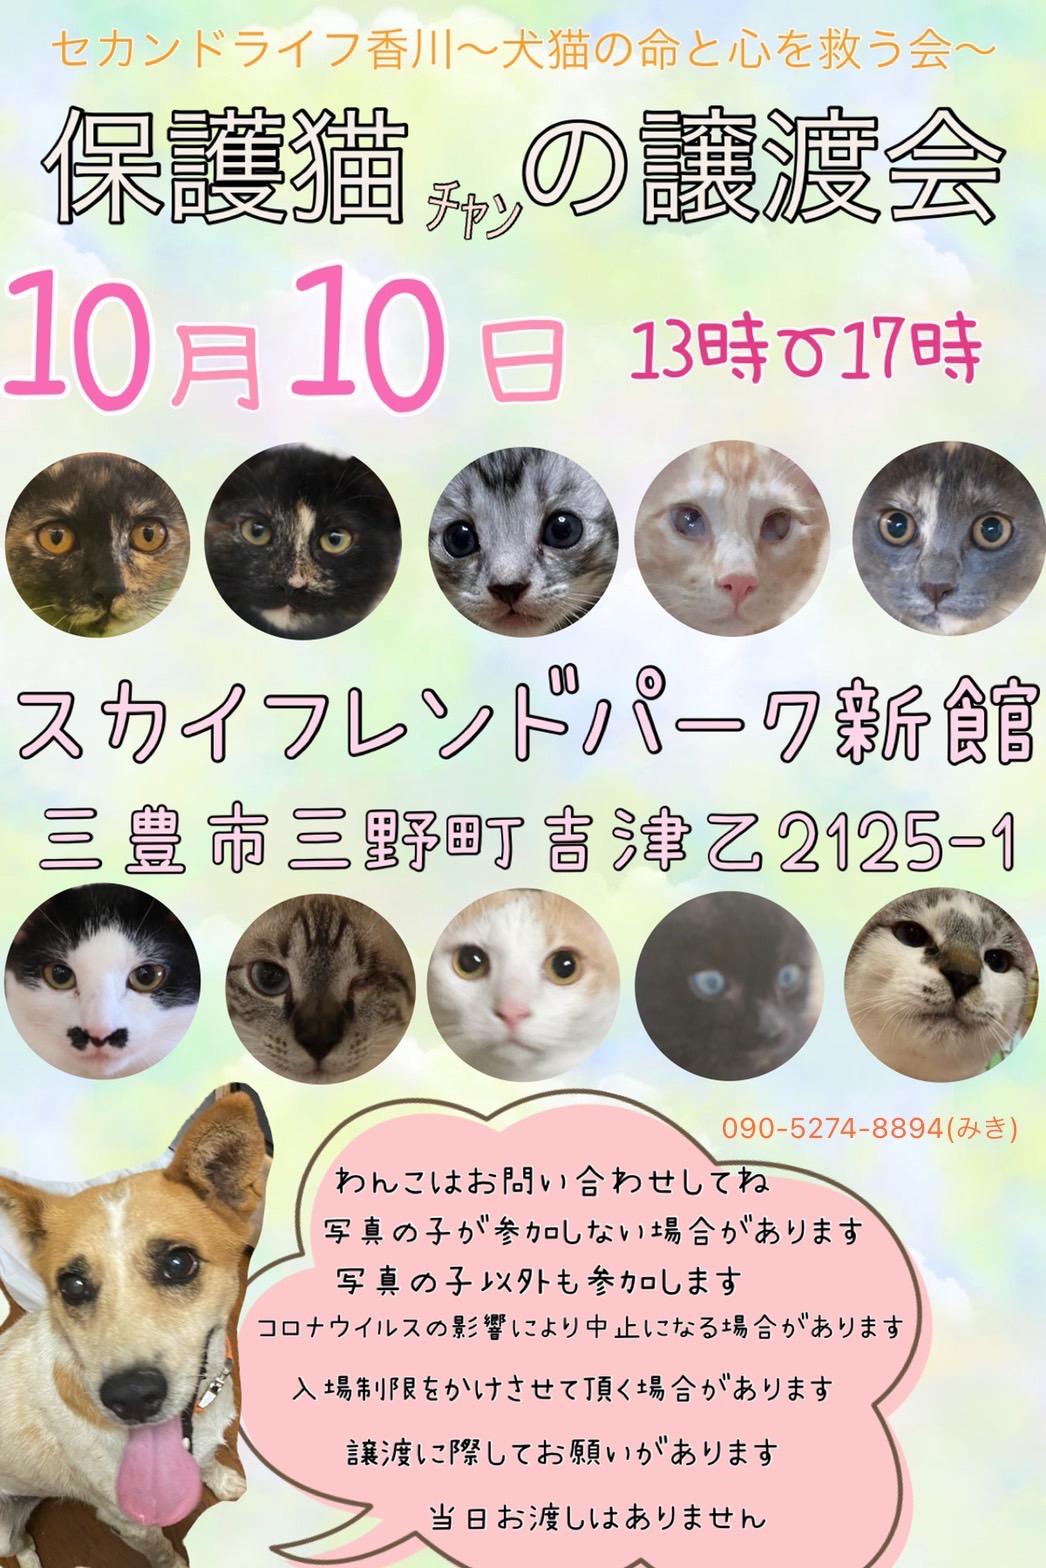 10.10犬猫譲渡会!